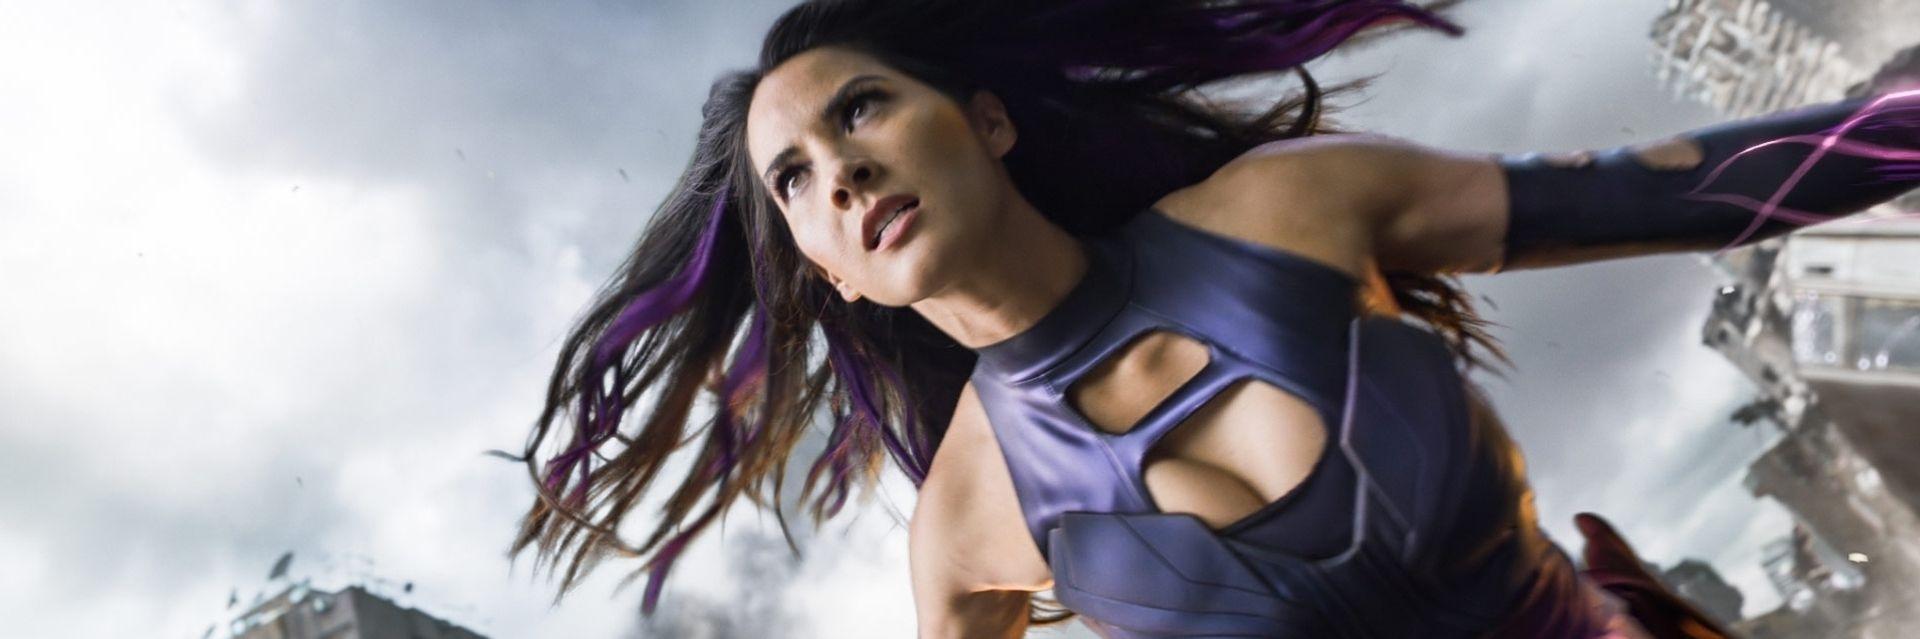 ANNONSE: Blir du litt forvirret over X-Men-filmene?